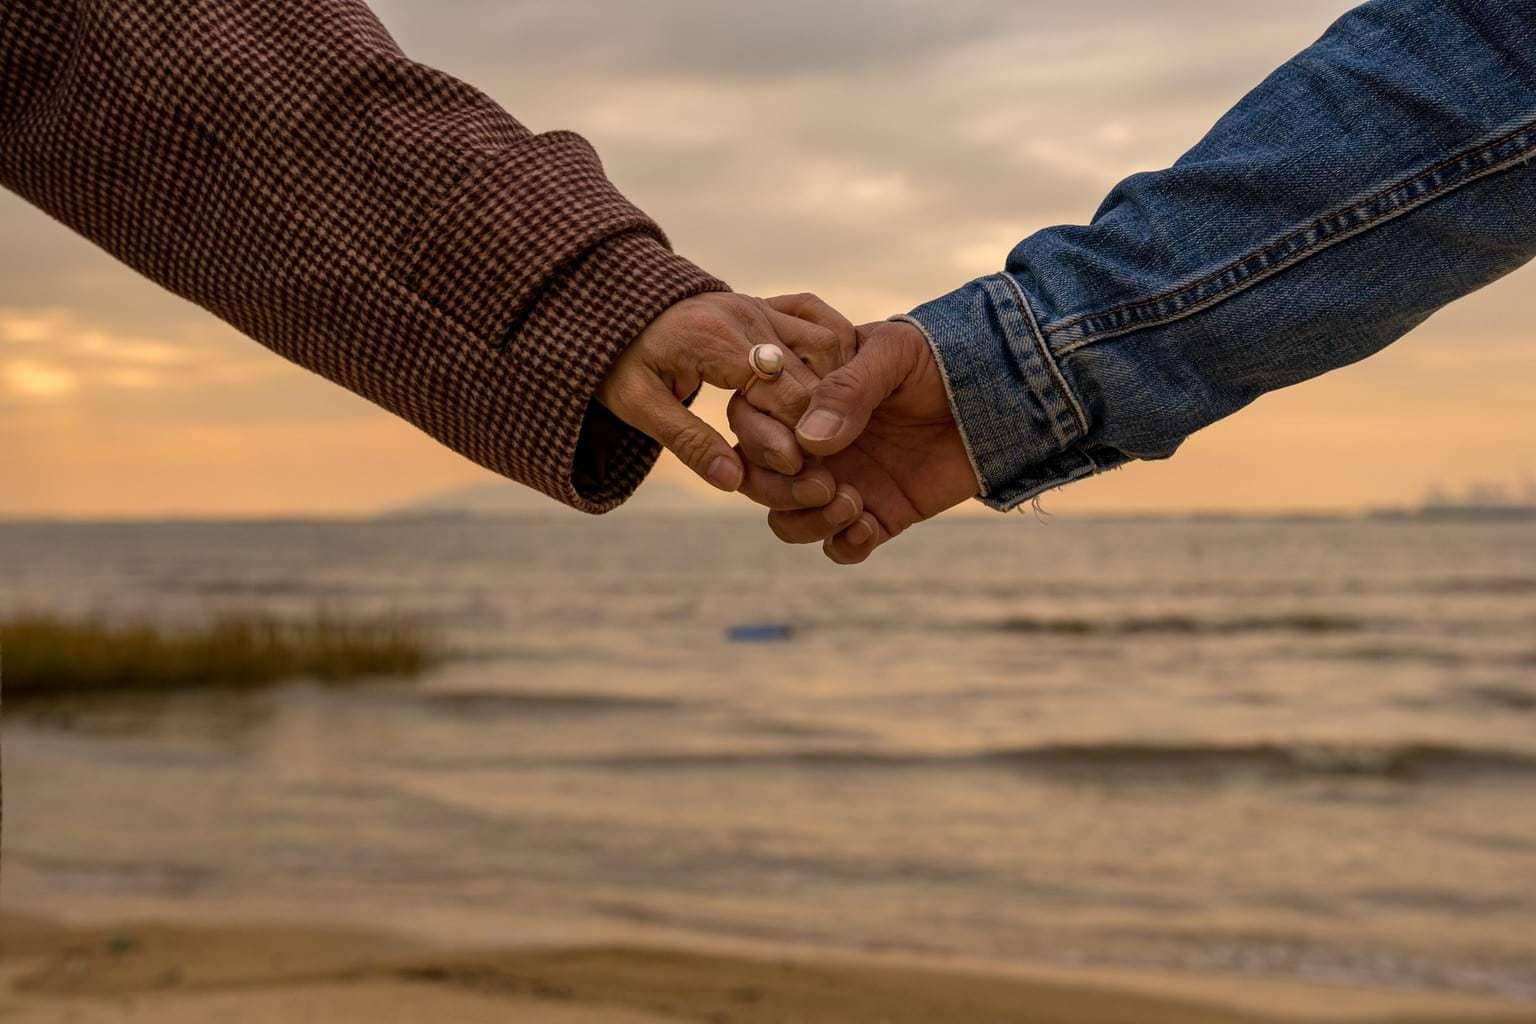 Душа в душу: пары, которые одеваются в одном стиле